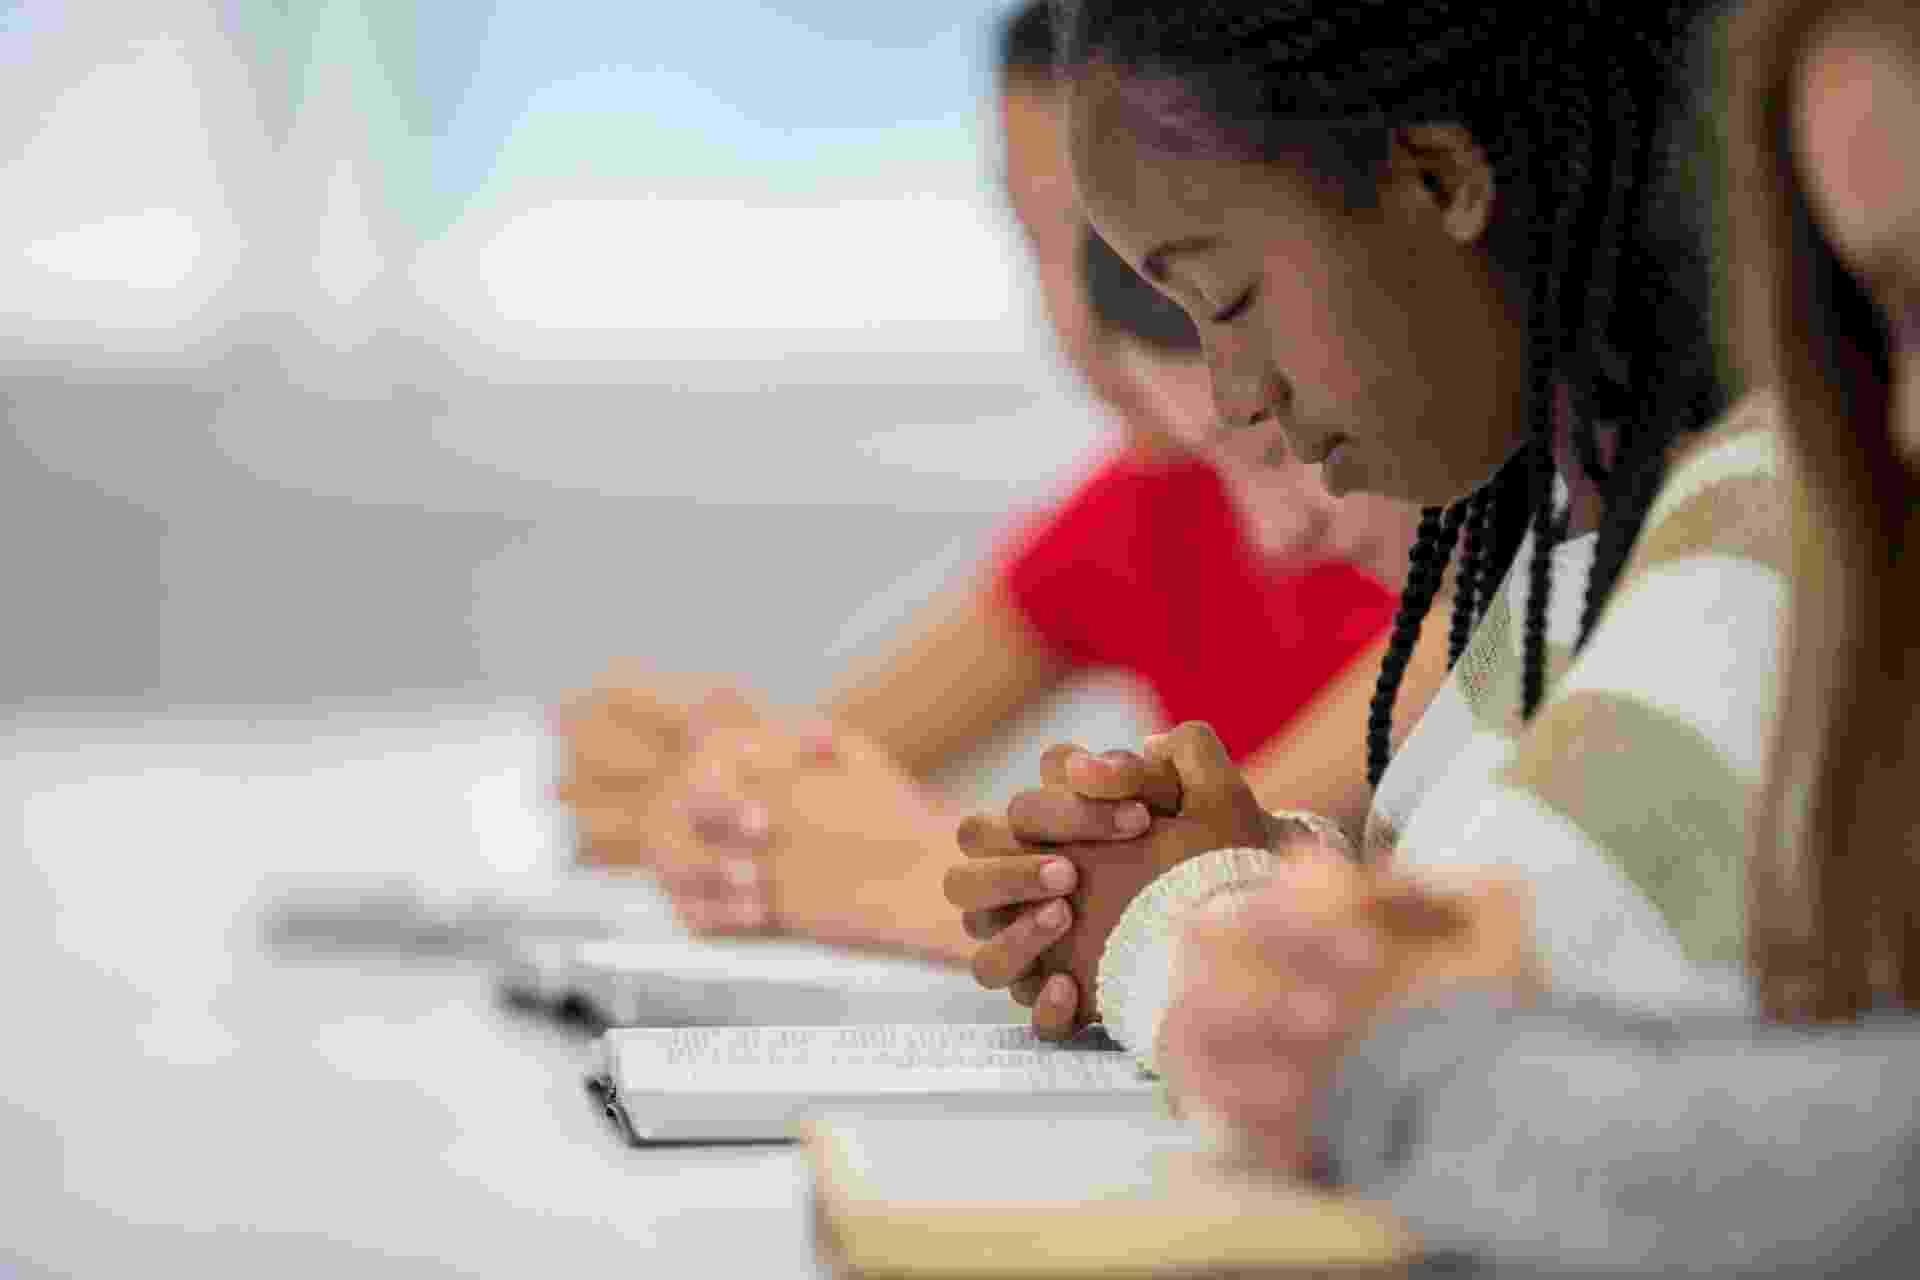 Bíblia Sagrada; leitura; oração; prece; menina rezando; fé - iStock/Getty Images